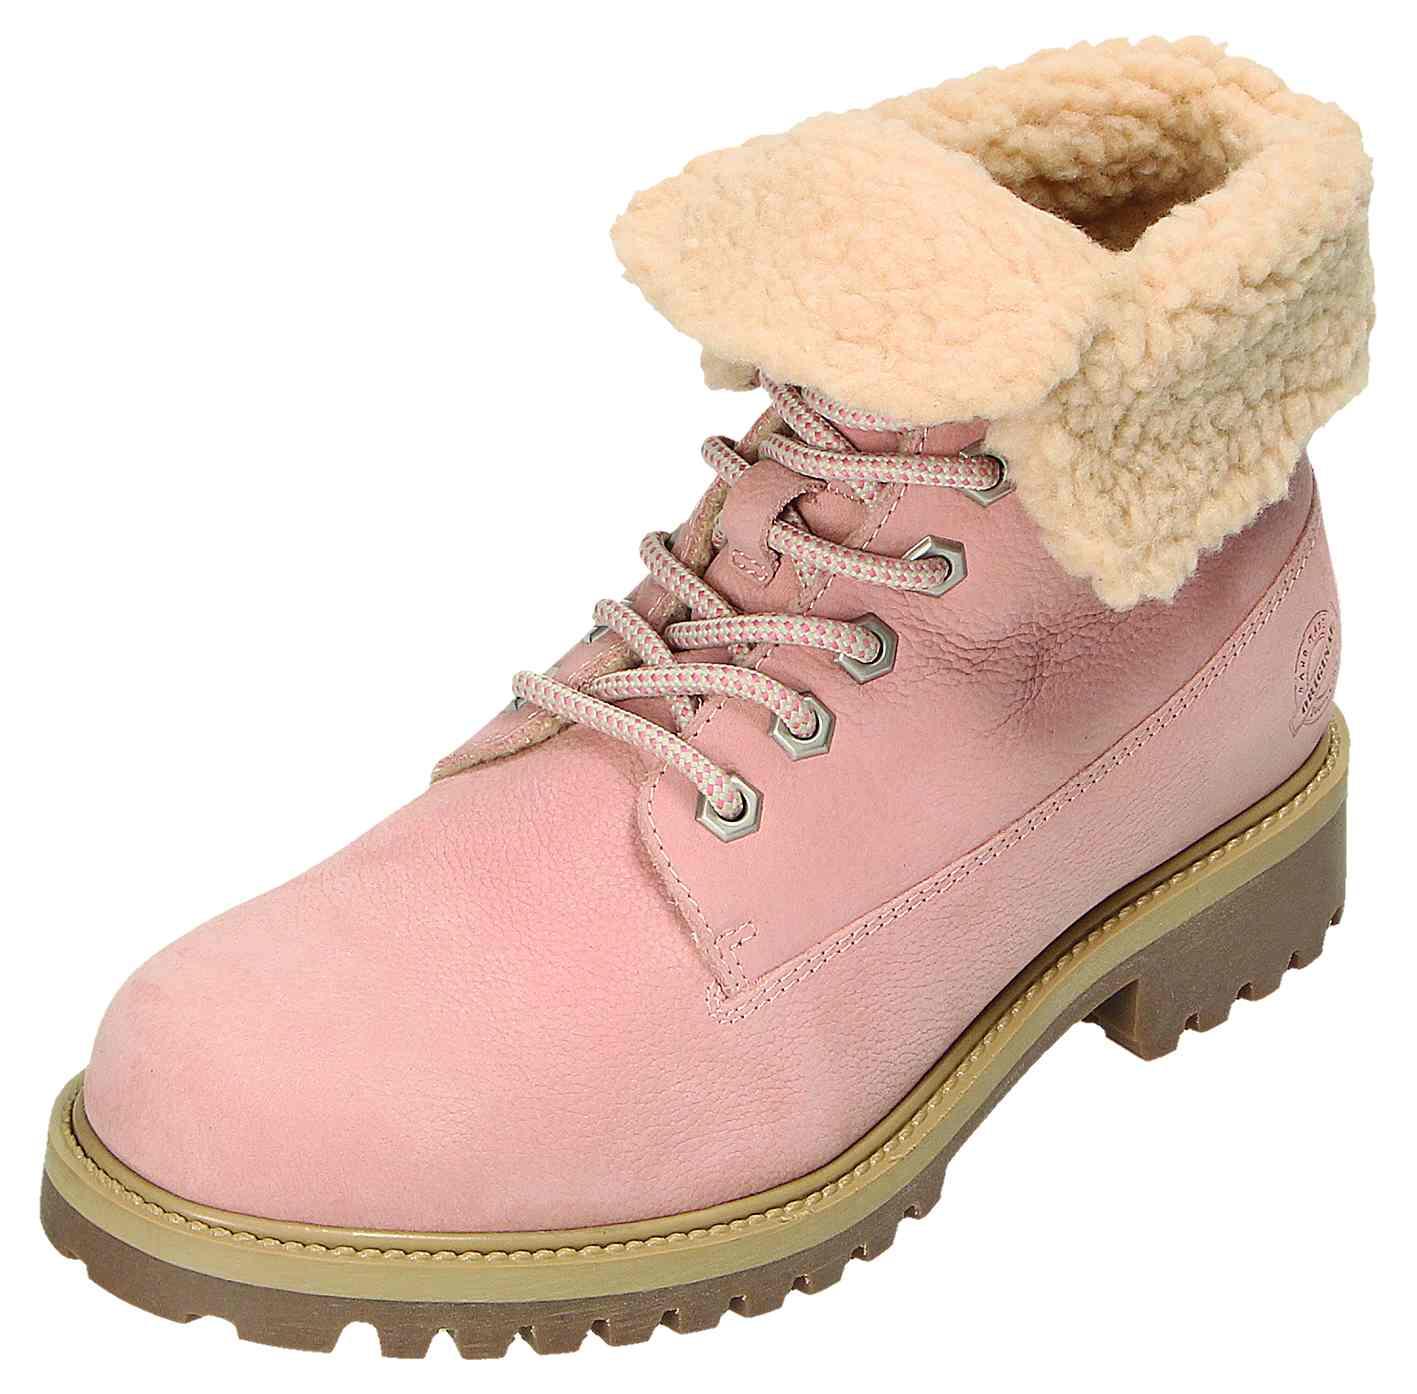 Klondike Damen Schuhe Stiefel Stiefelette Damen-Schnürstiefel Rot WH-025H04-S